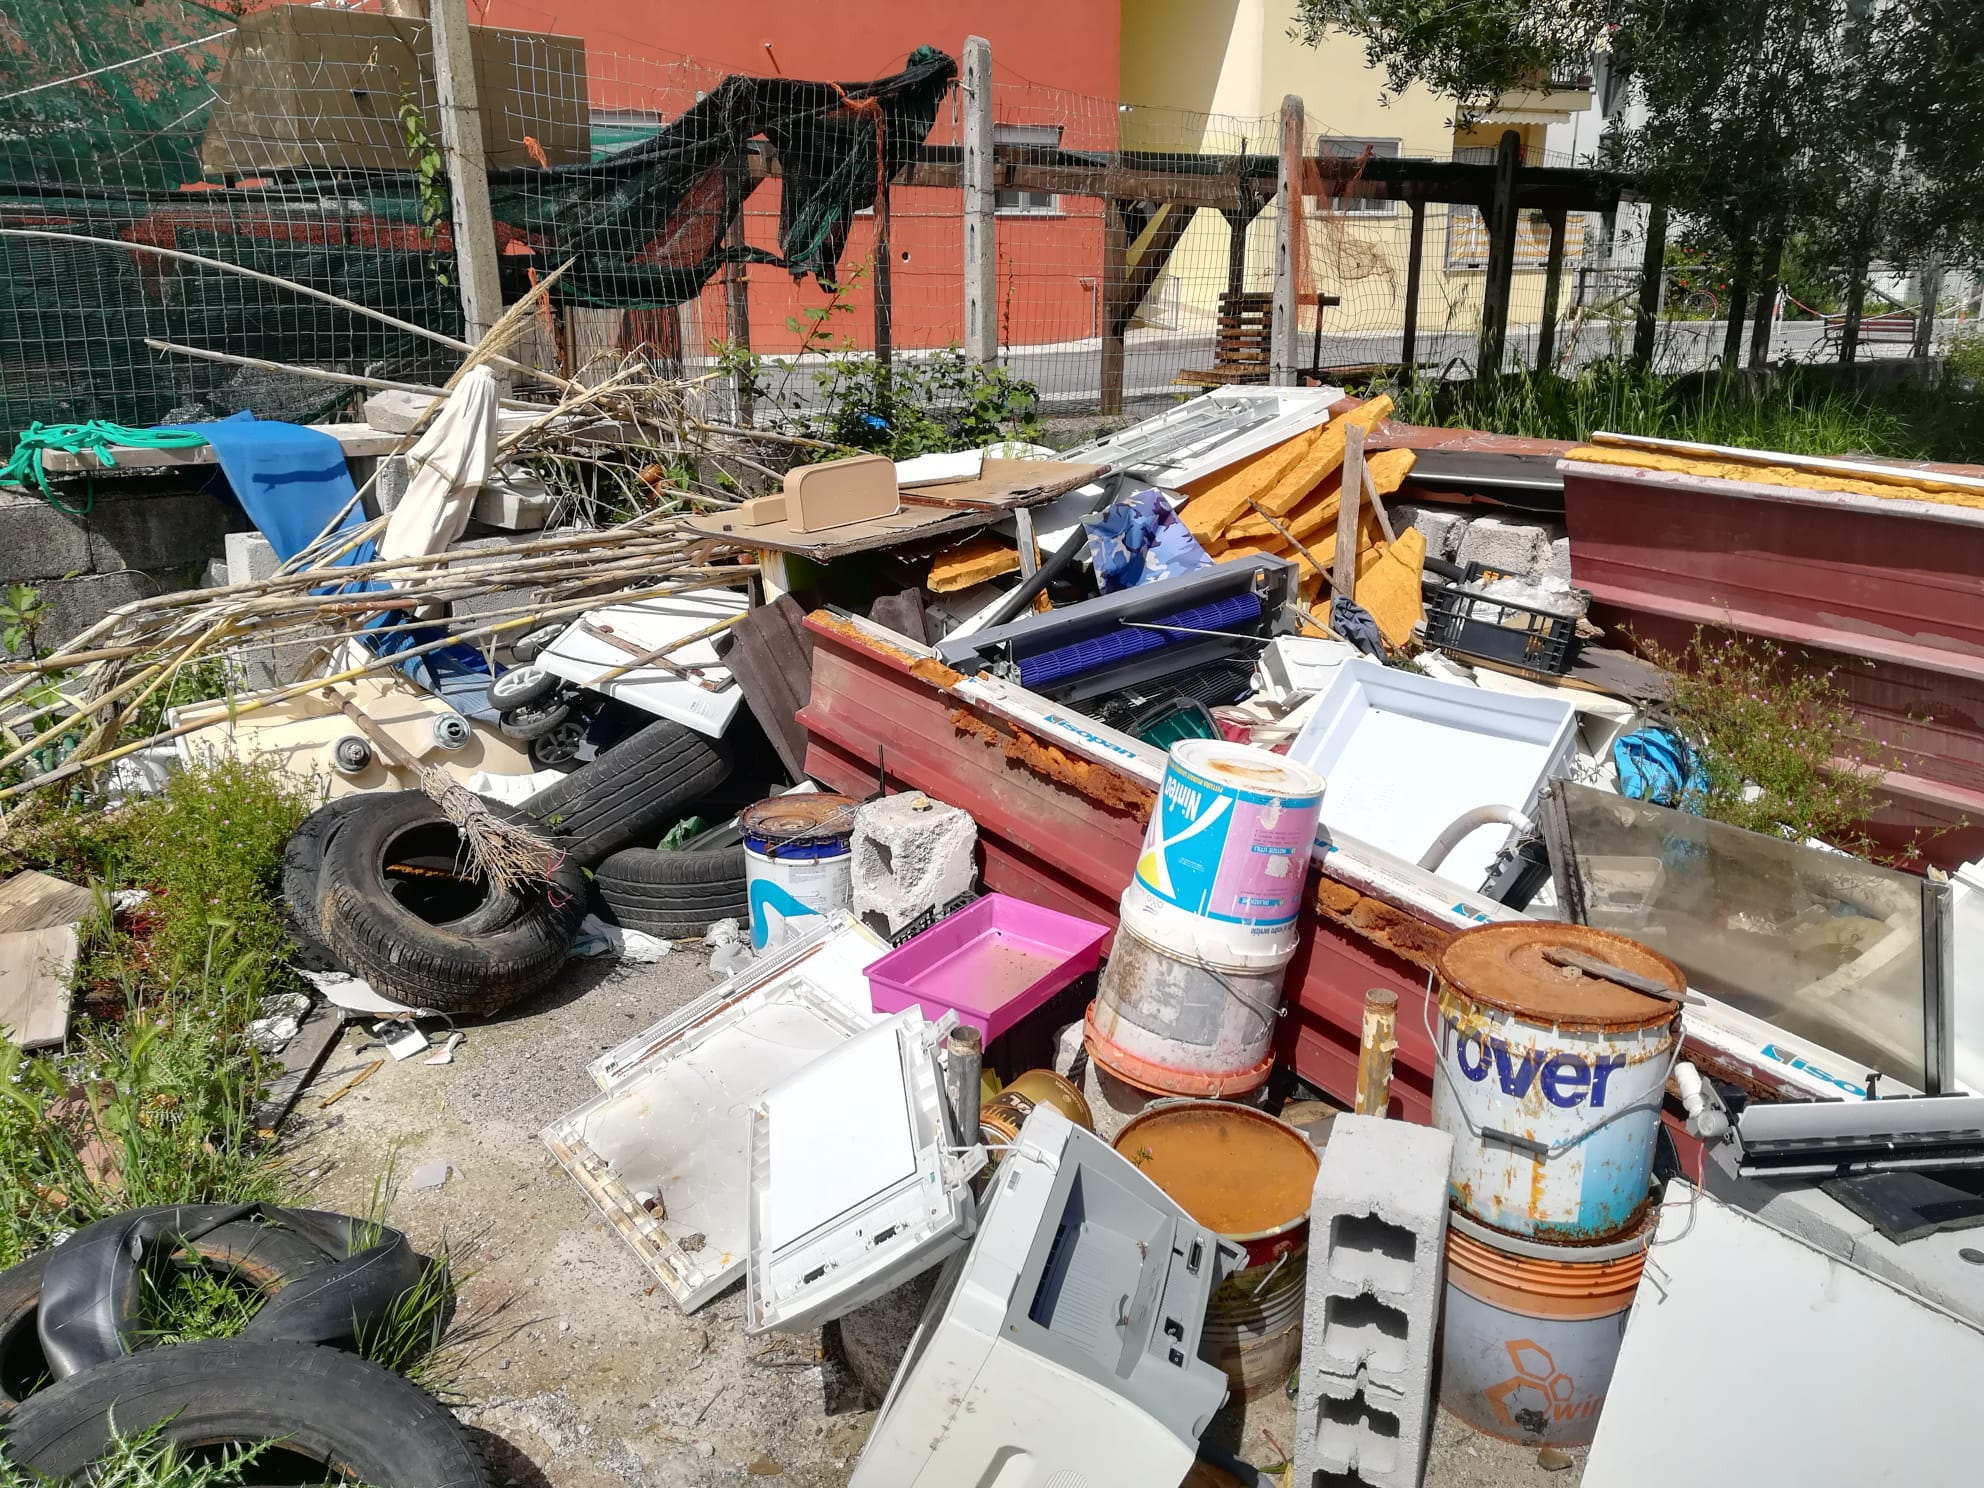 Discarica abusiva a Sapri: sequestrata un'area di 1.000 mq e tre persone  denunciate - Italia2Tv